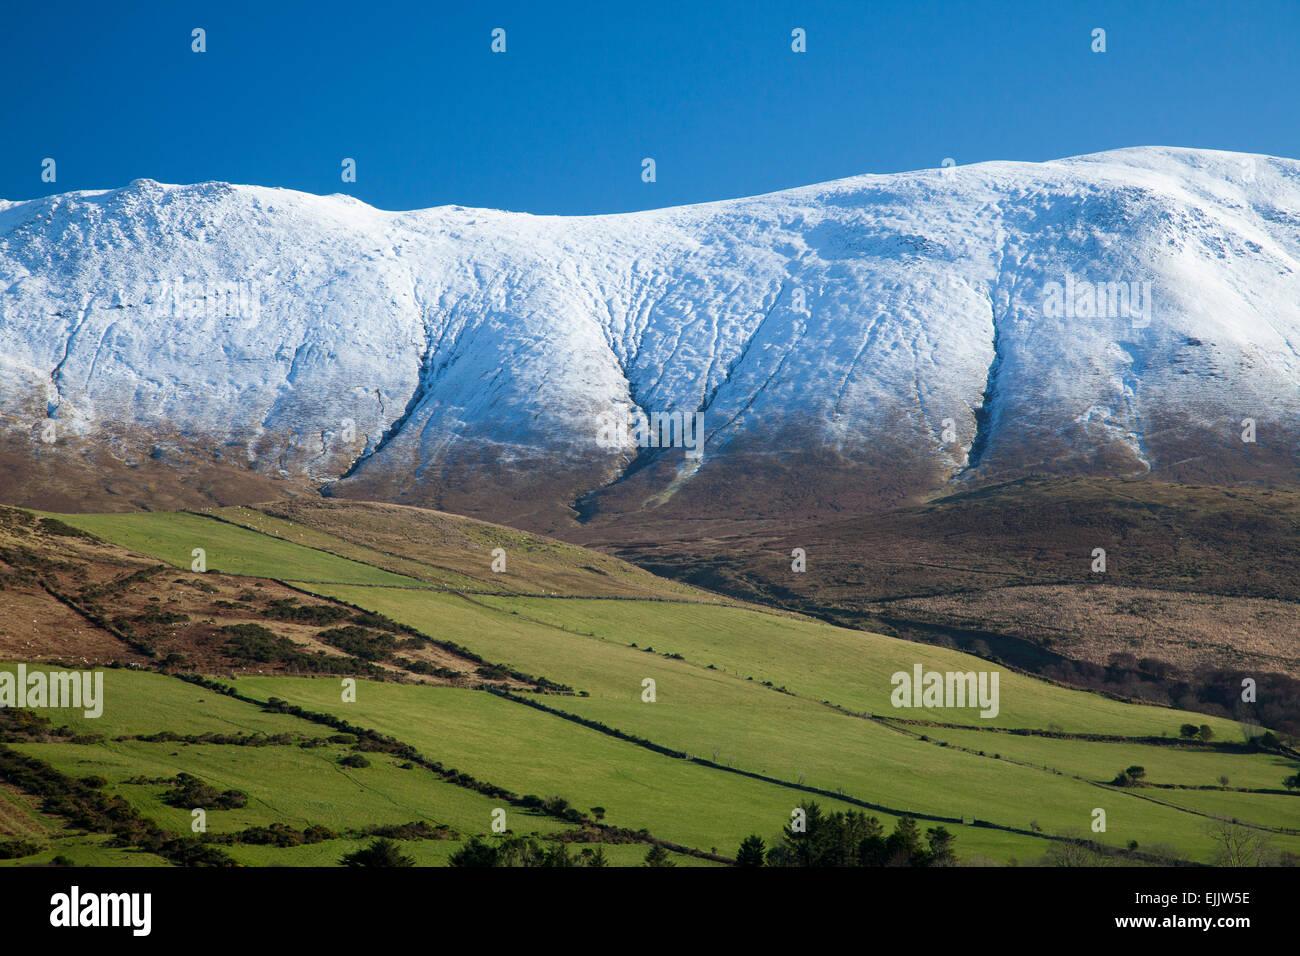 Caherconree montagna in inverno, Slieve Mish montagne, penisola di Dingle, nella contea di Kerry, Irlanda. Immagini Stock